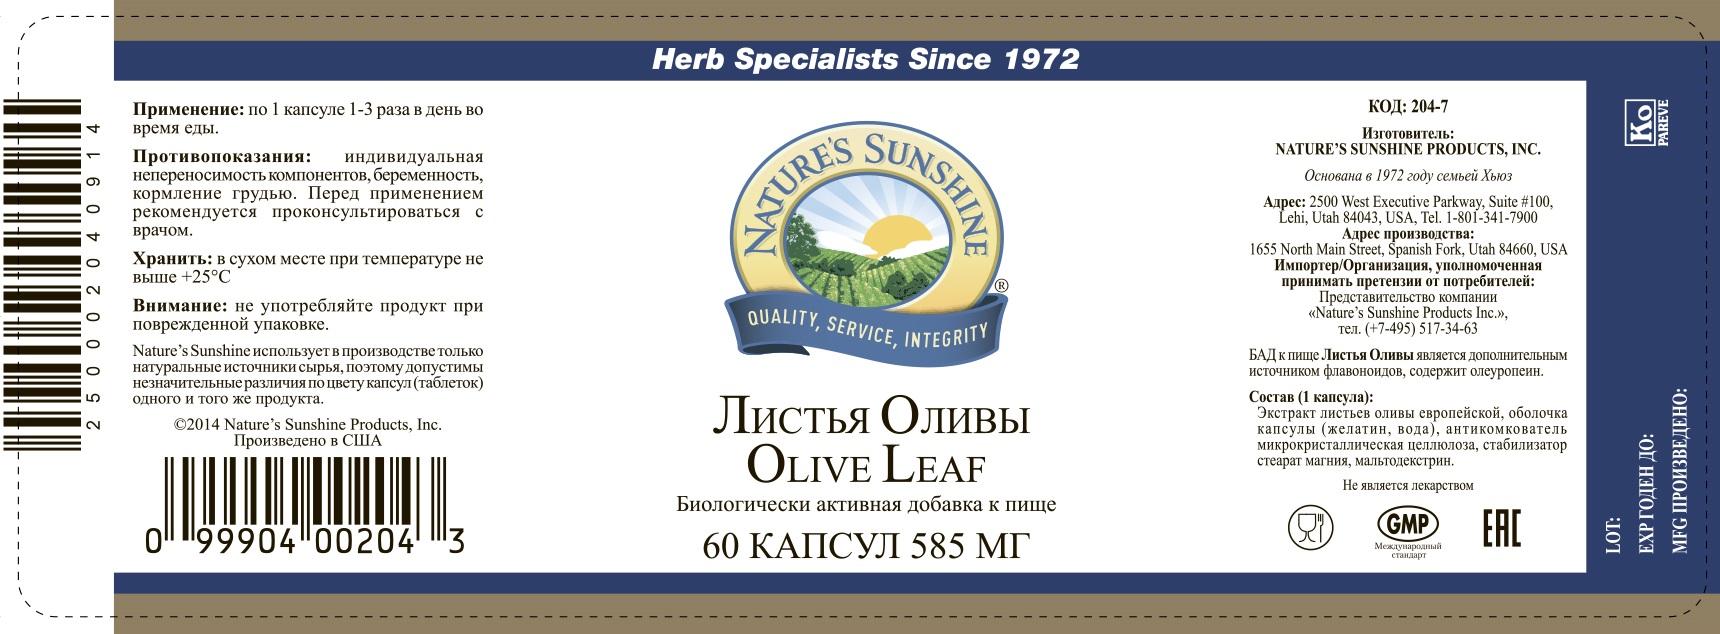 Картинка Листья оливы / Olive leaf от магазина Nature's Sunshine Products